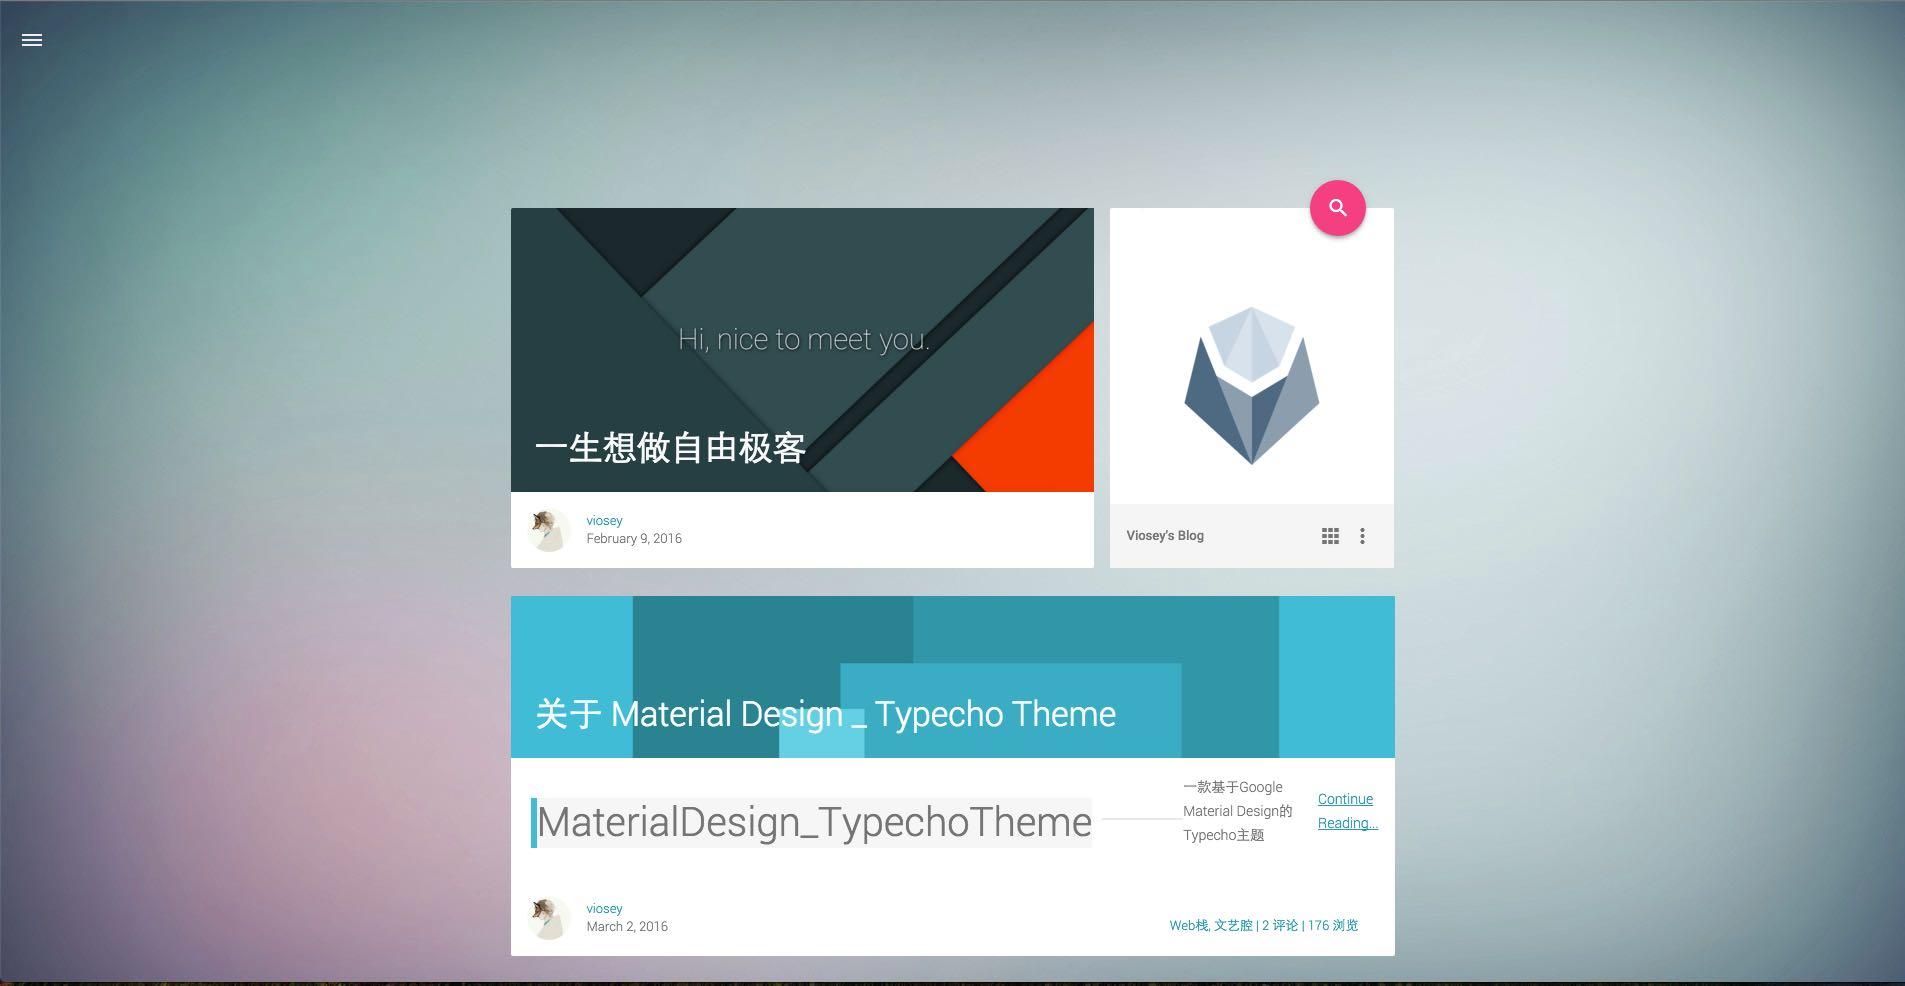 typecho主题material